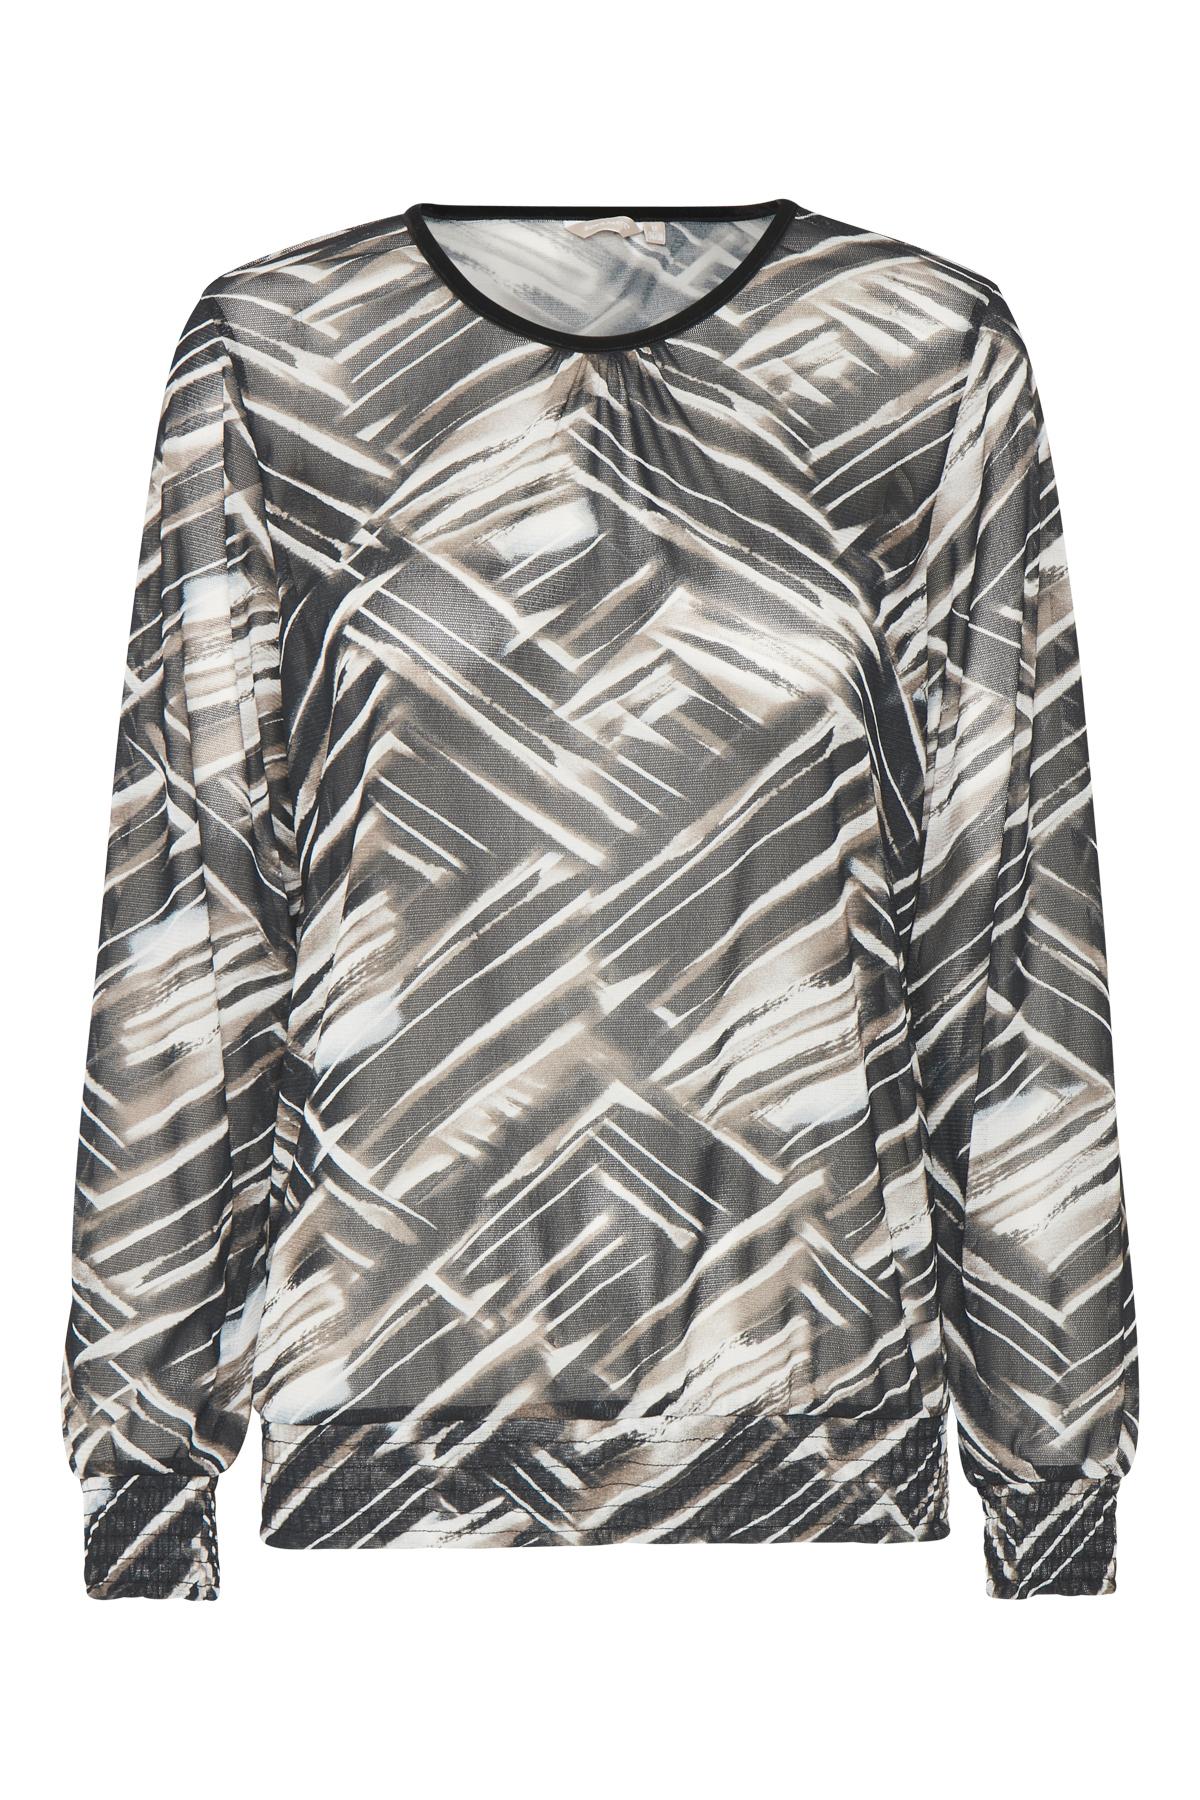 Sort/sand Langærmet bluse fra Bon'A Parte – Køb Sort/sand Langærmet bluse fra str. S-2XL her